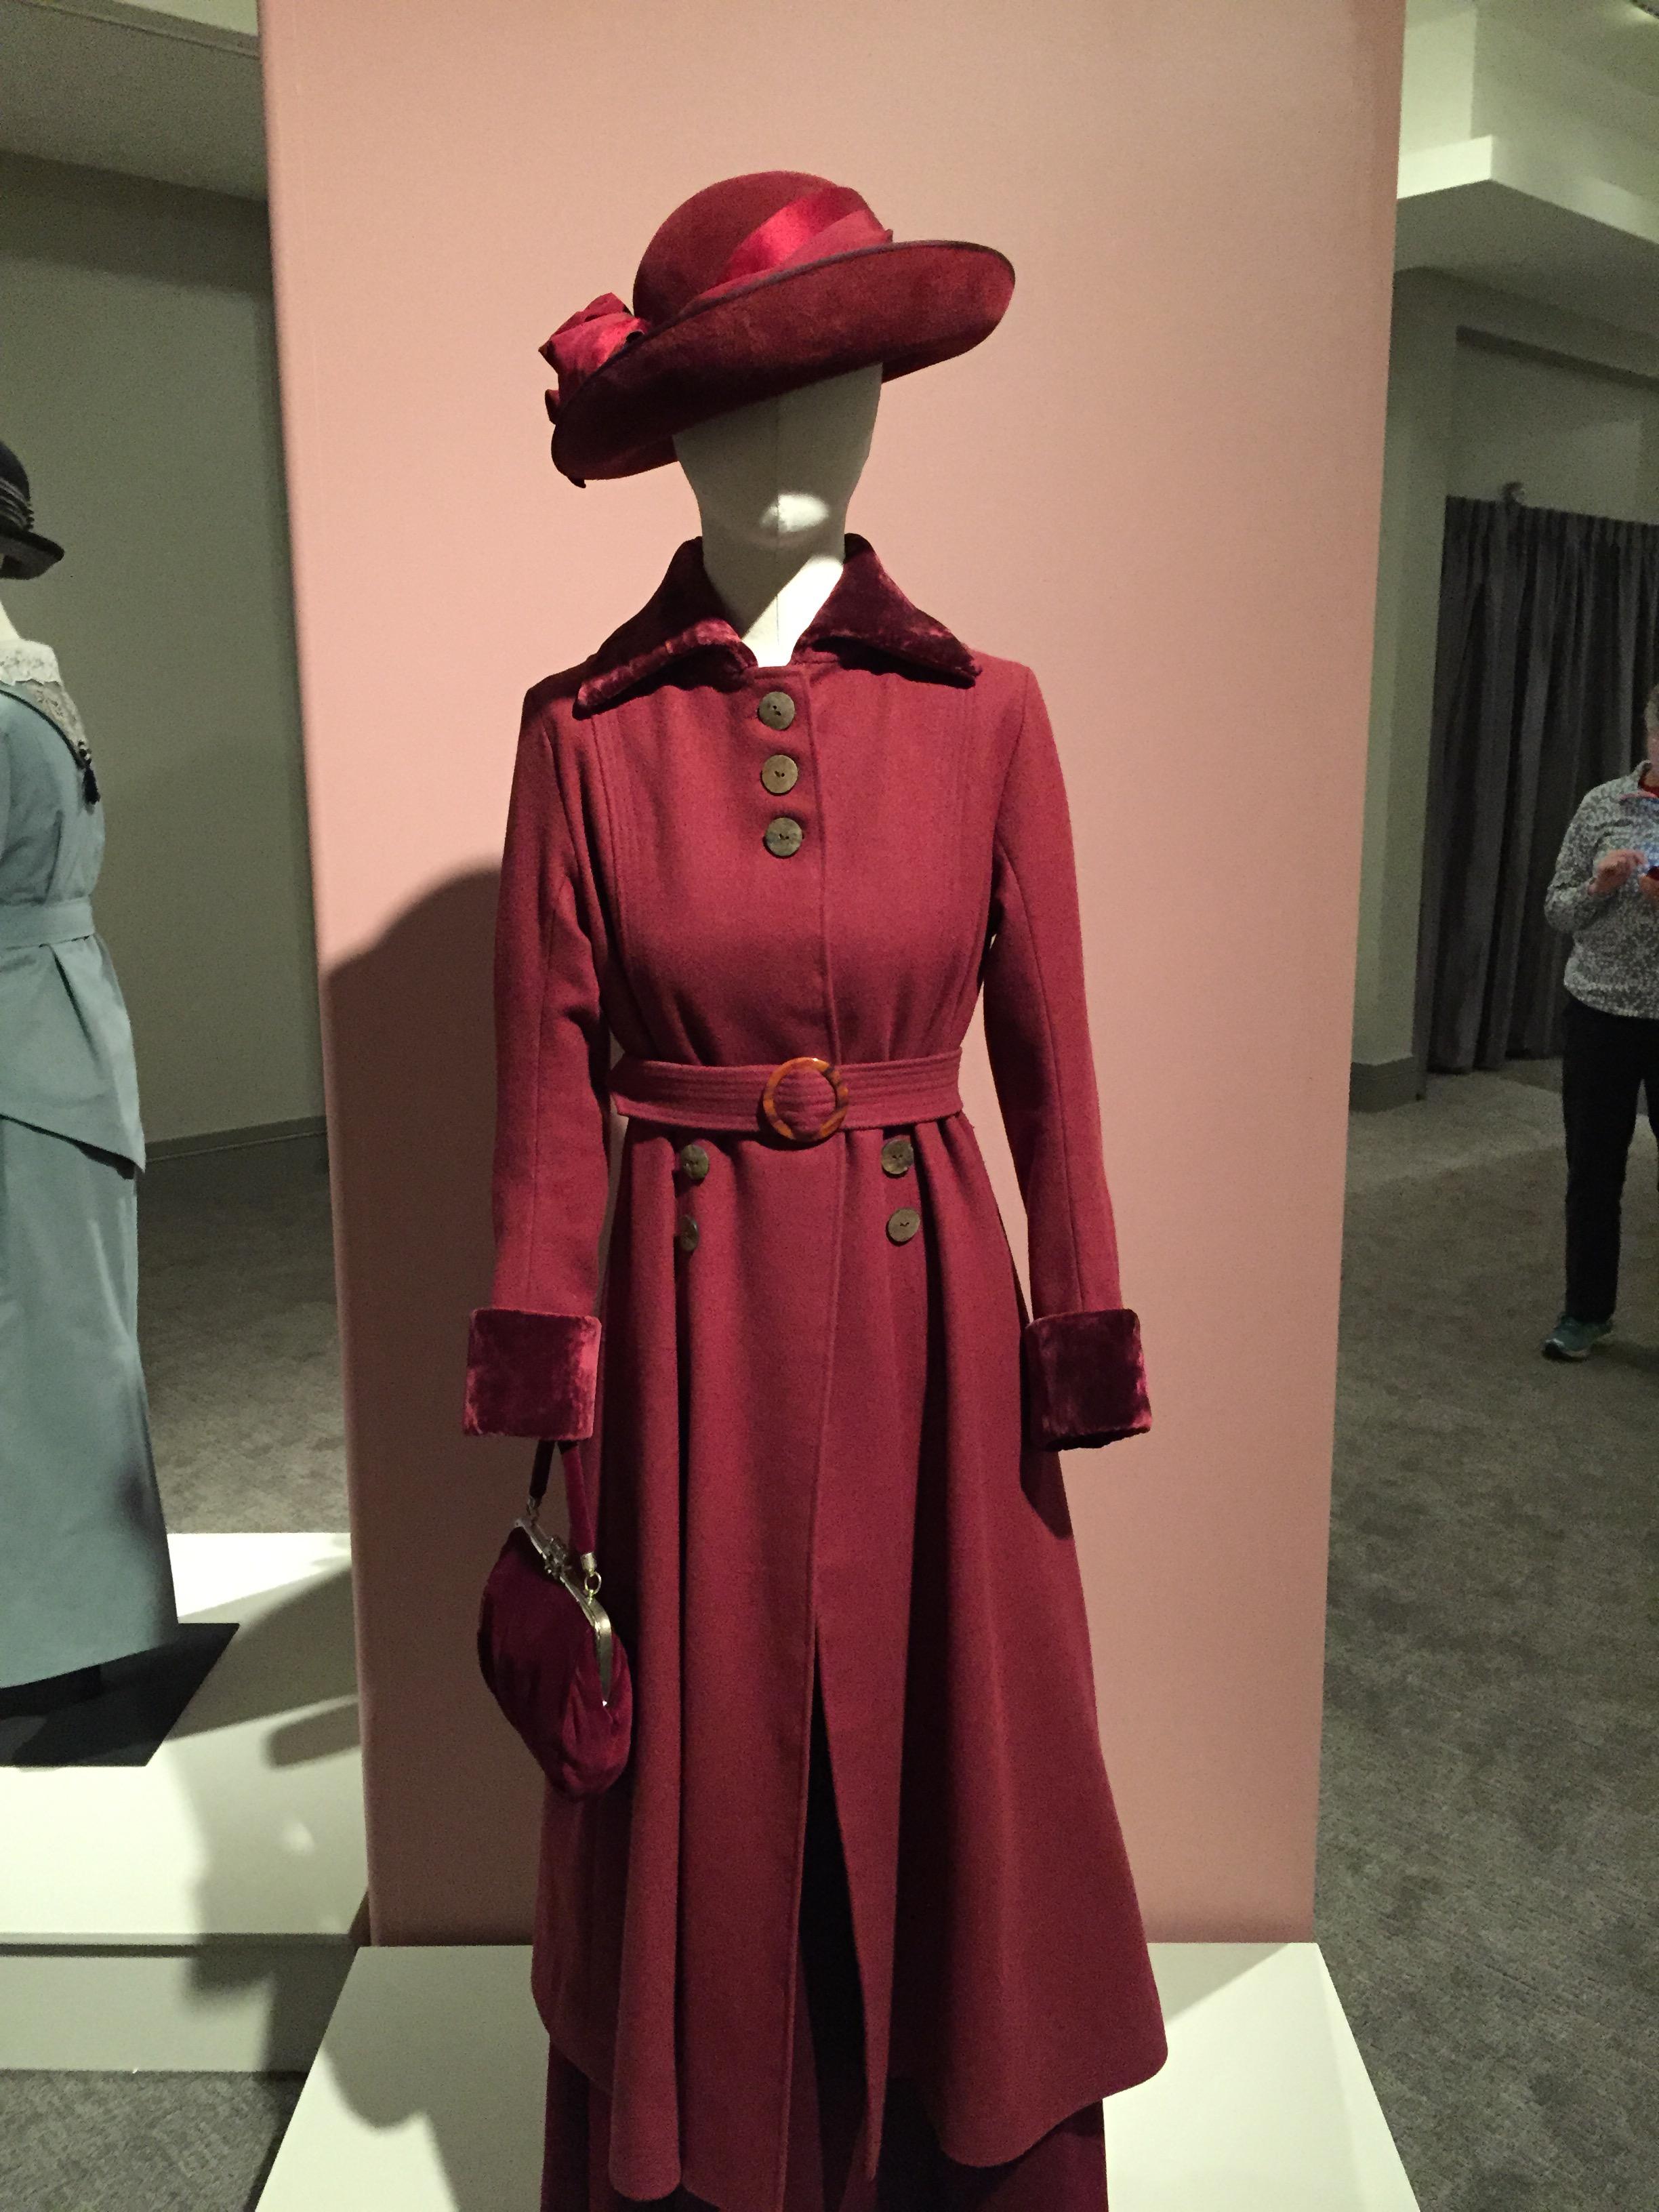 A striking red ensemble worn by Lady Mary Crawley